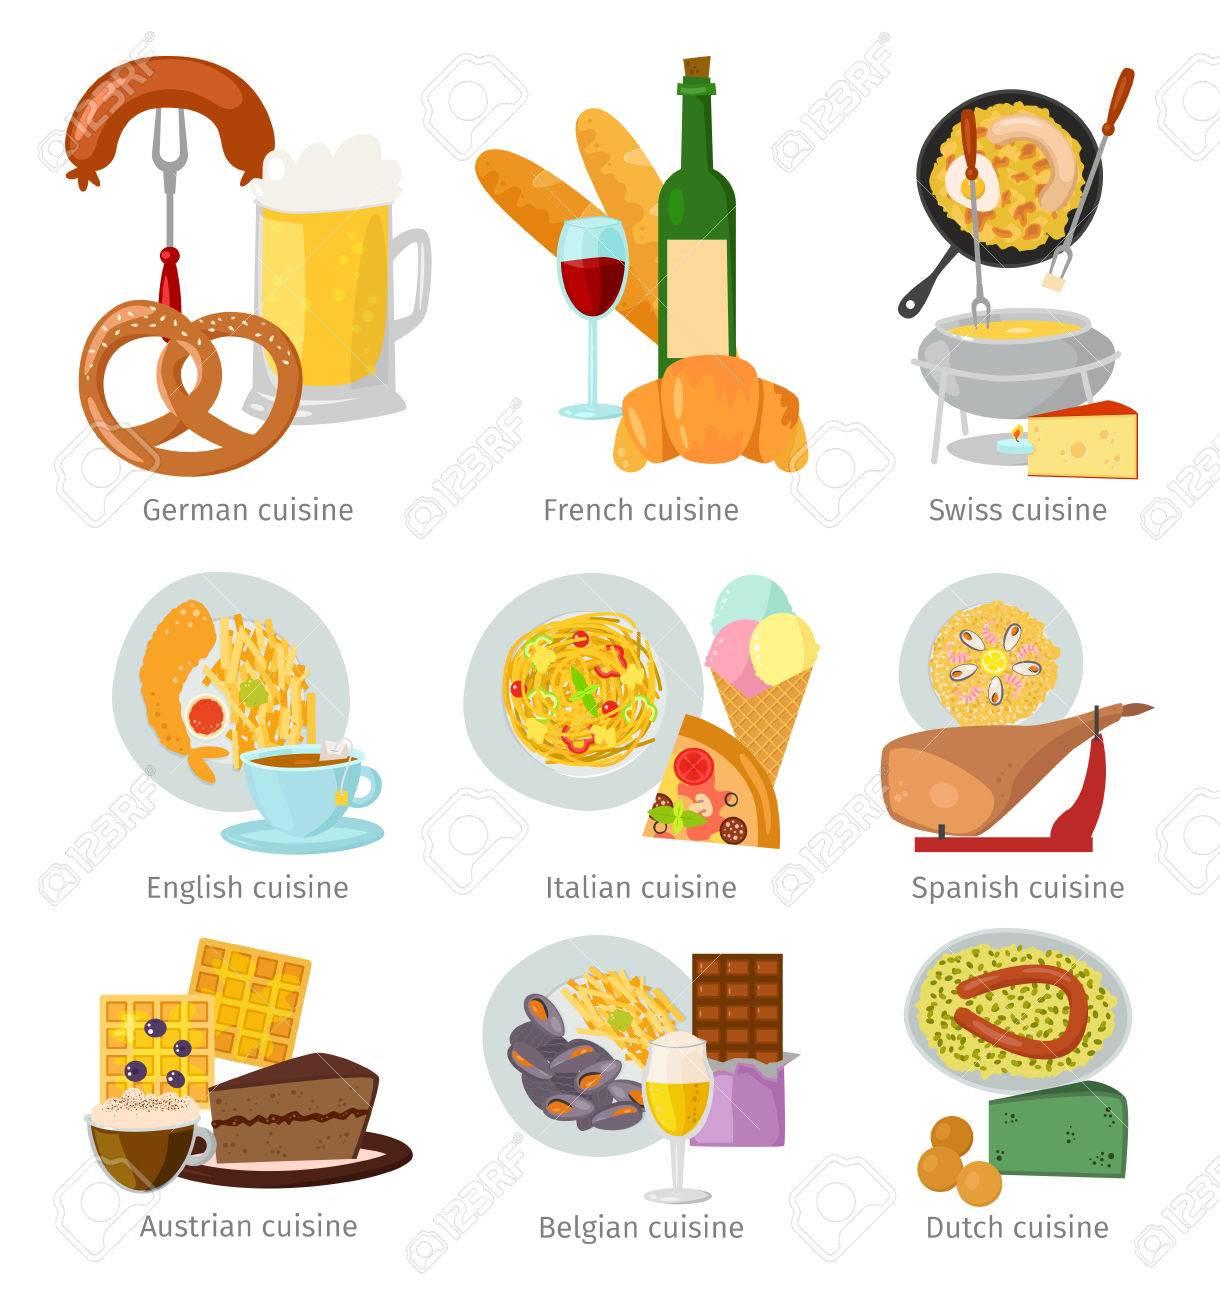 ヨーロッパ料理食品ランチおいしいおいしい料理ベクトル イラスト。